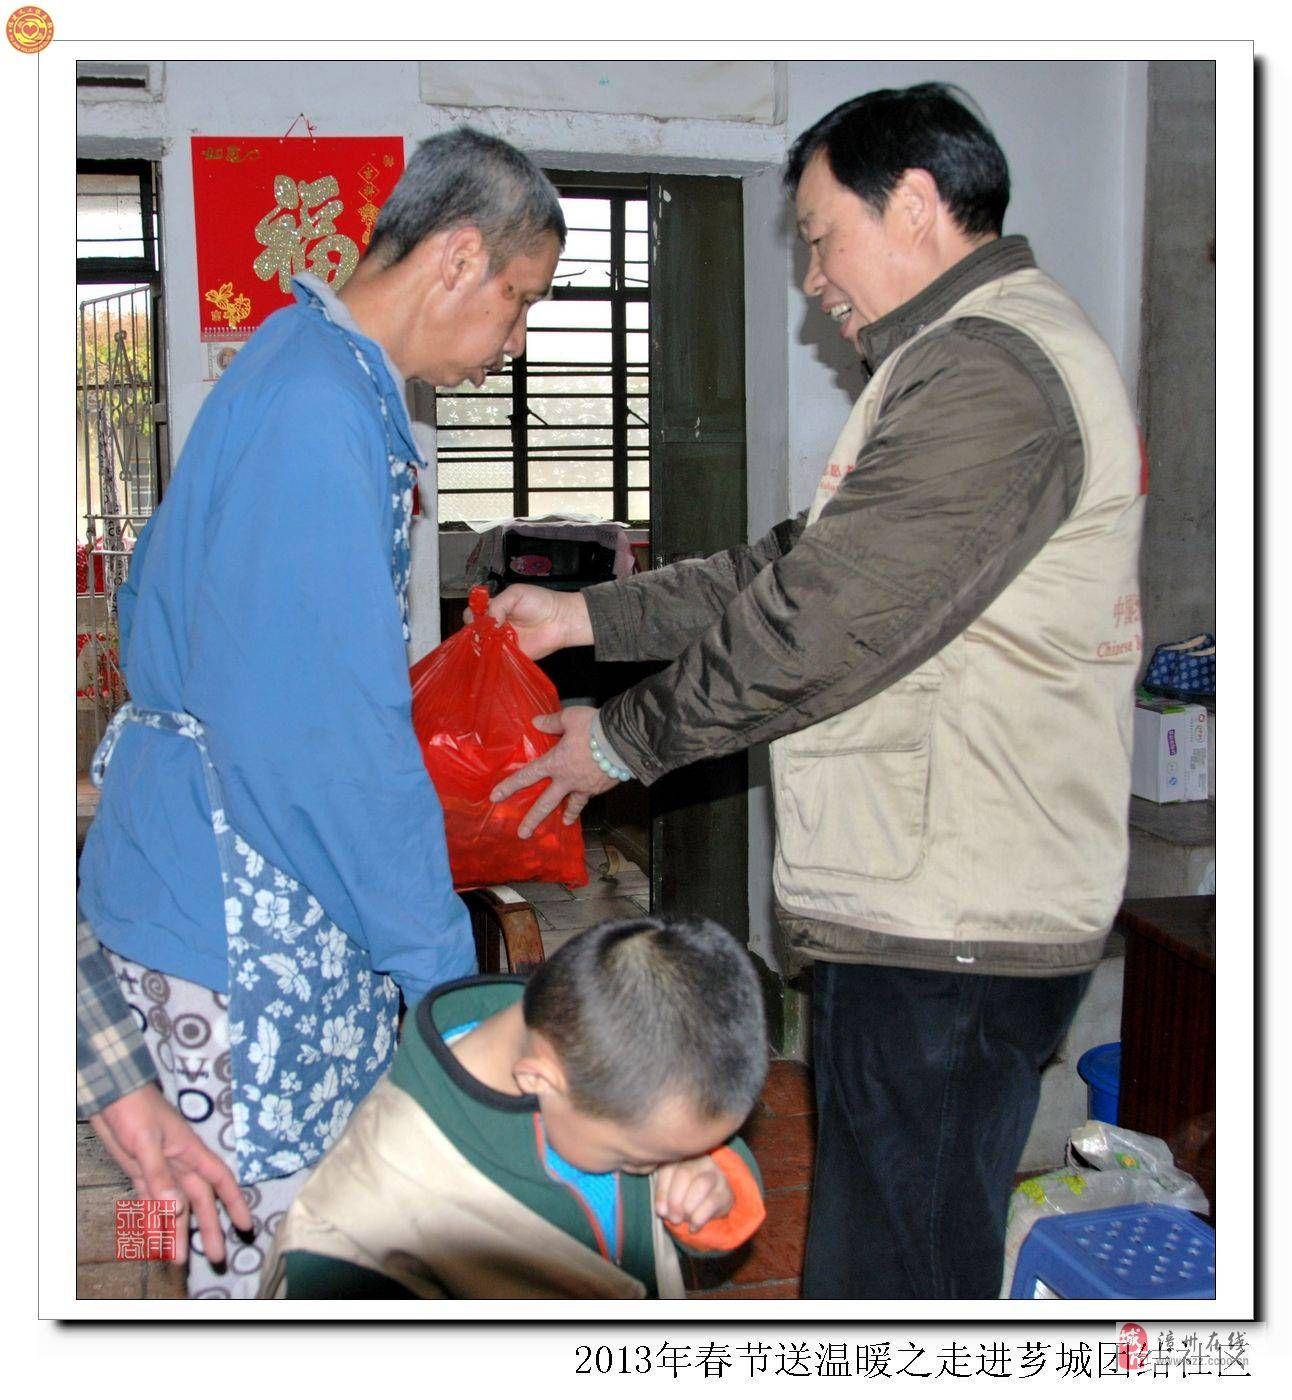 [分享]漳州义工俱乐部,春节送温暖持续送到需要帮助的人手里